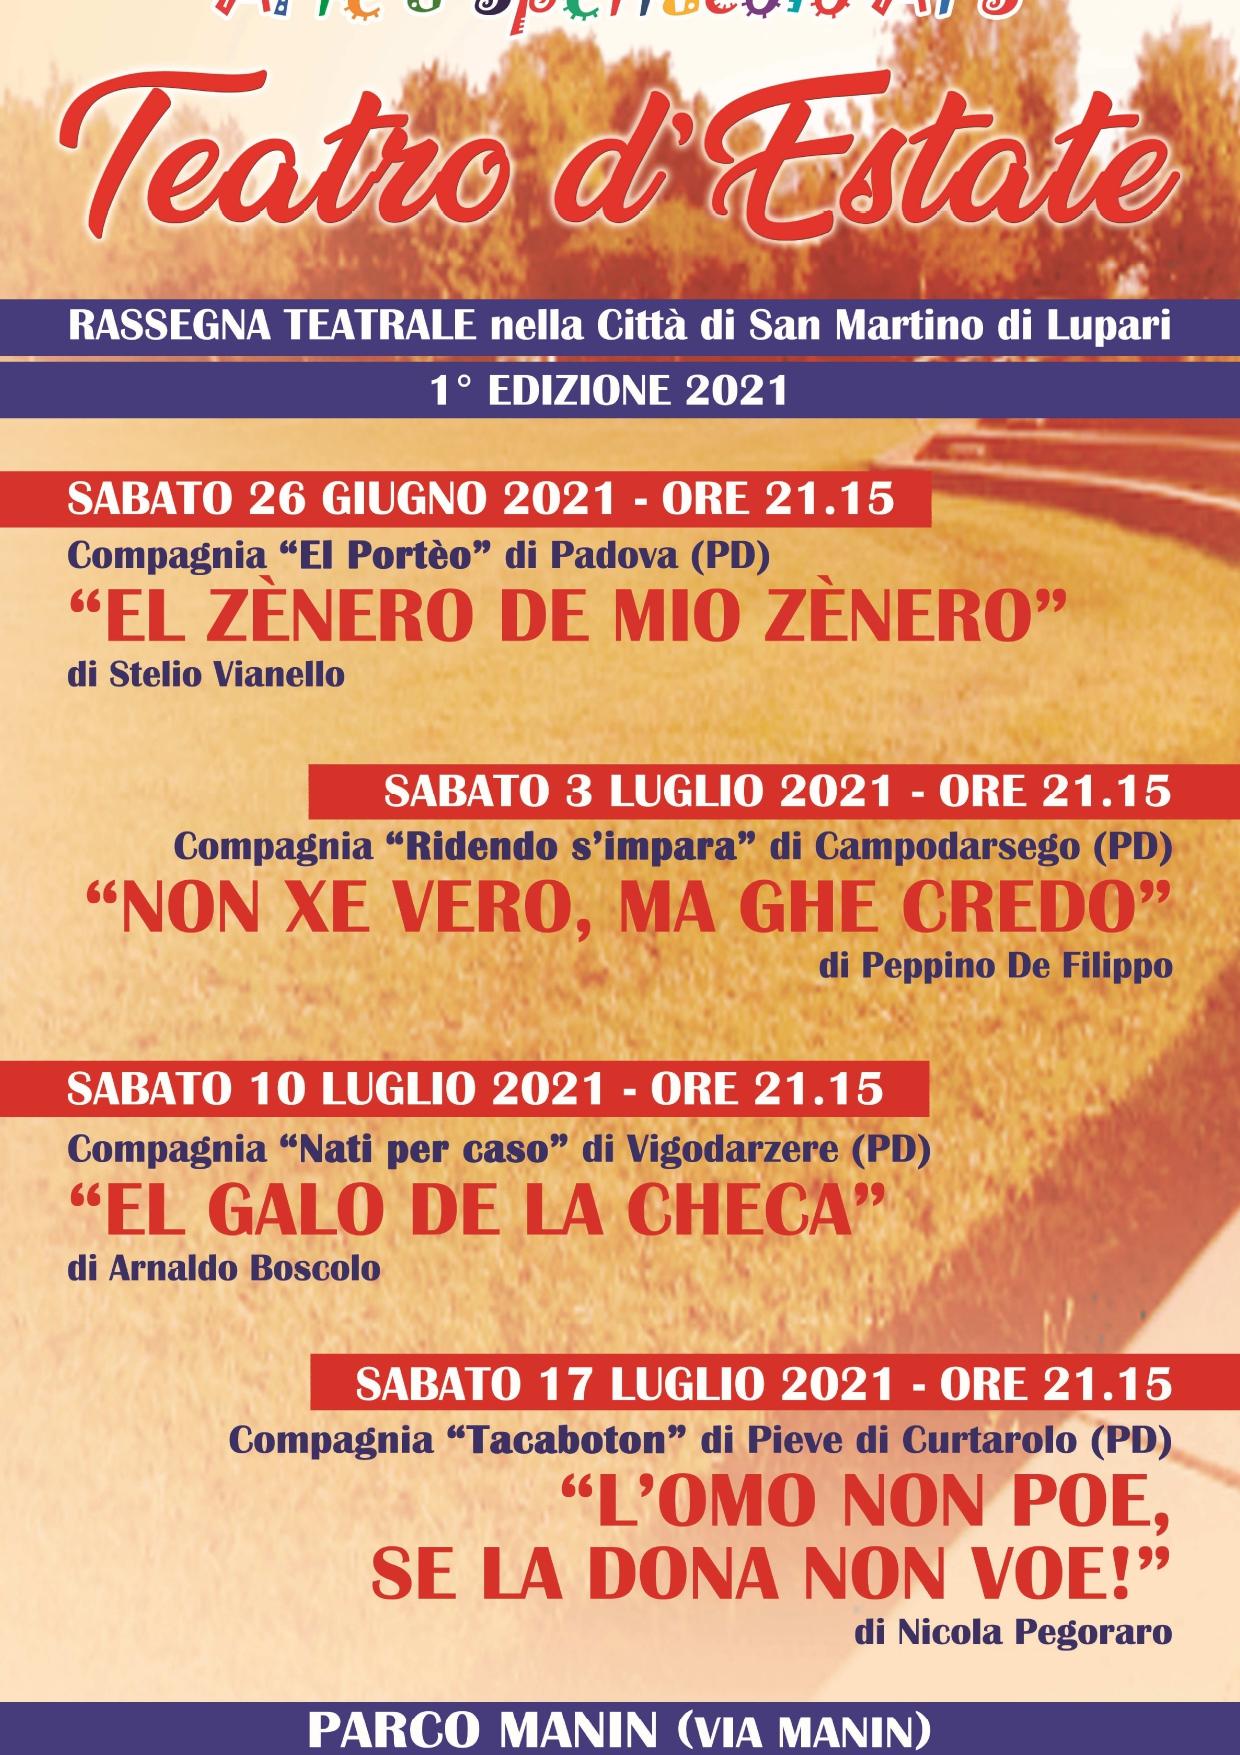 """1^ EDIZIONE 2021 DELLA RASSEGNA """"TEATRO D'ESTATE"""""""